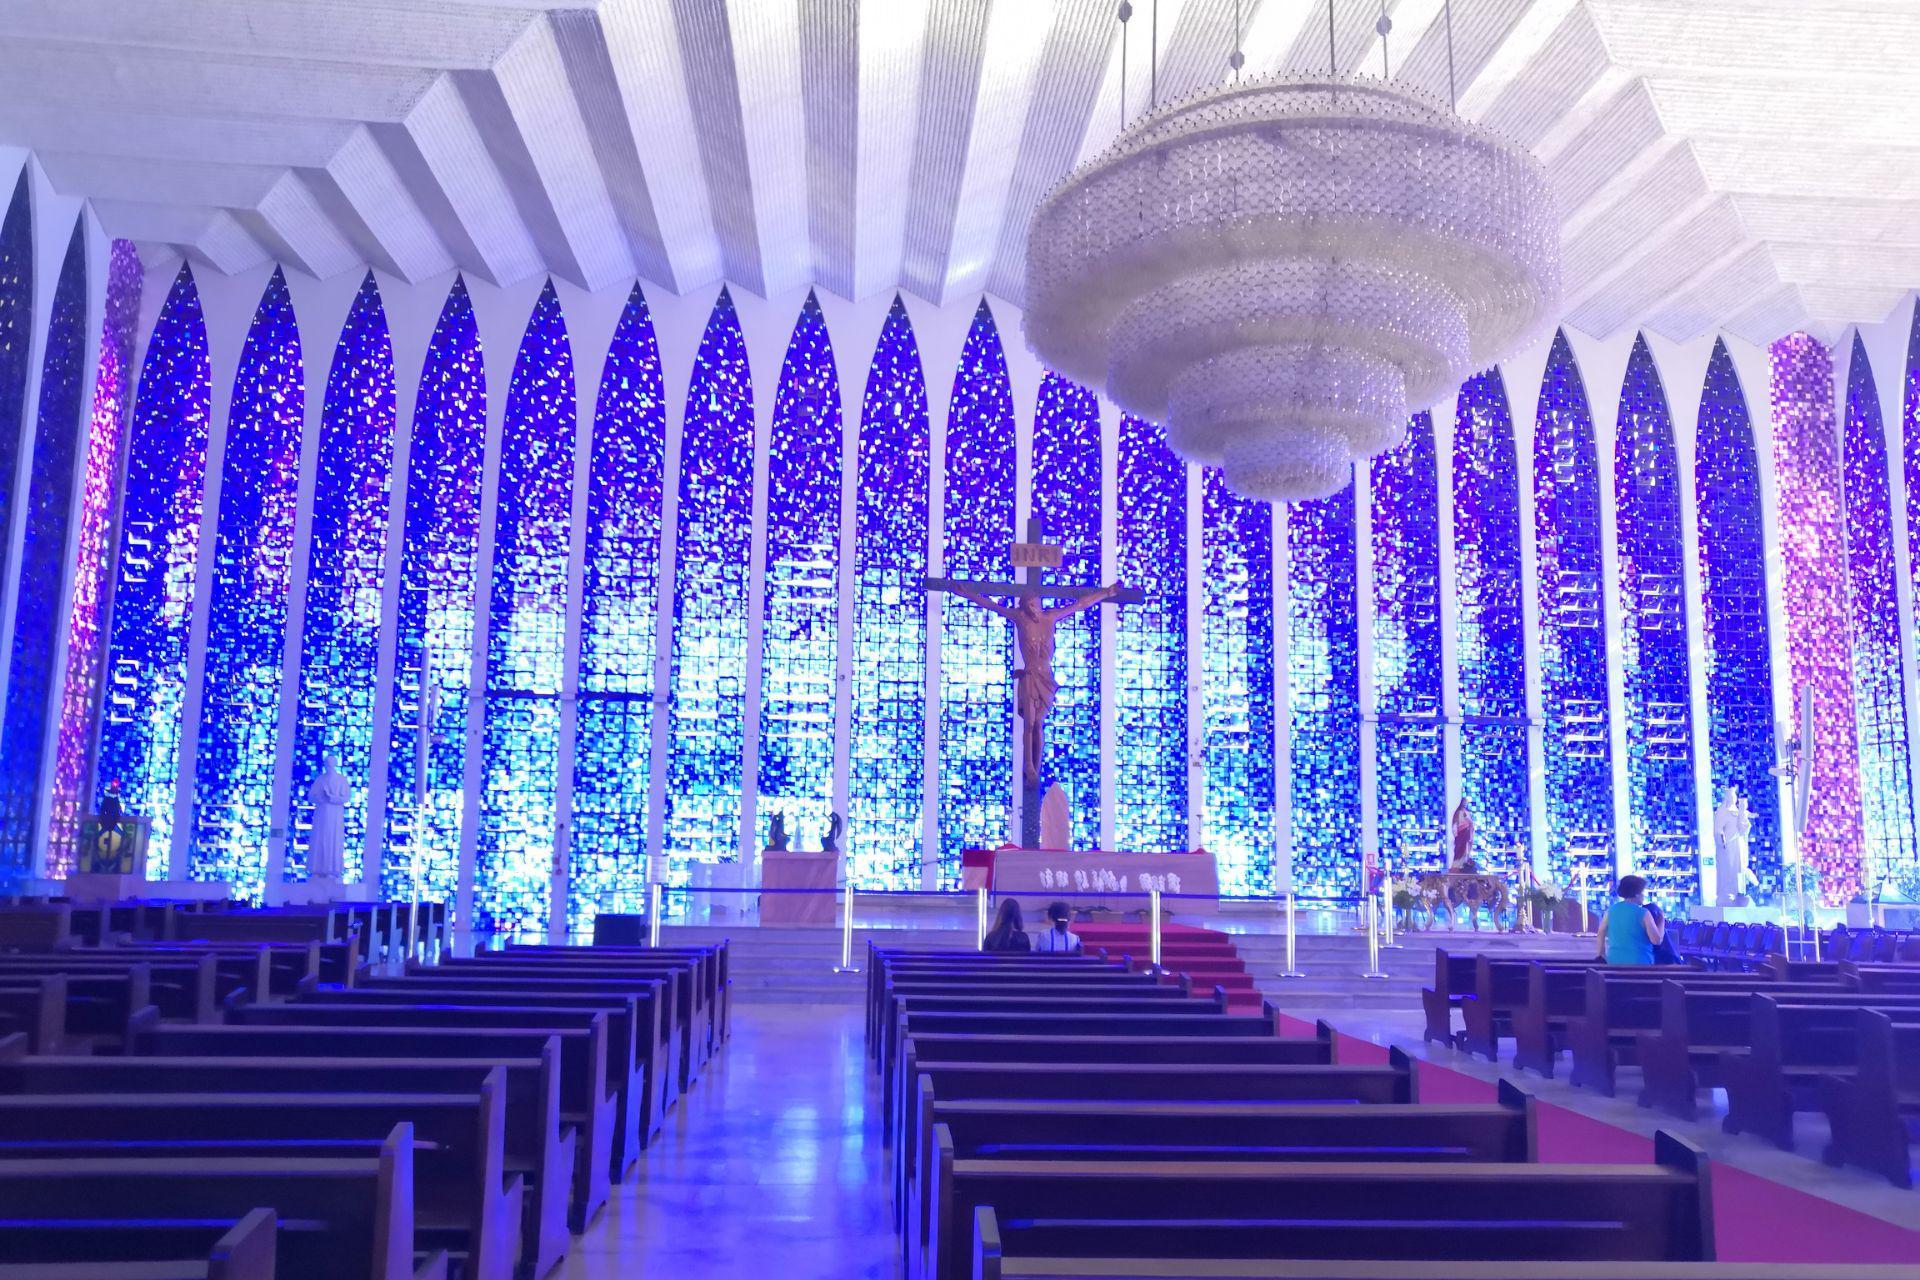 游览 南美 巴西 巴西利亚 蓝色教堂